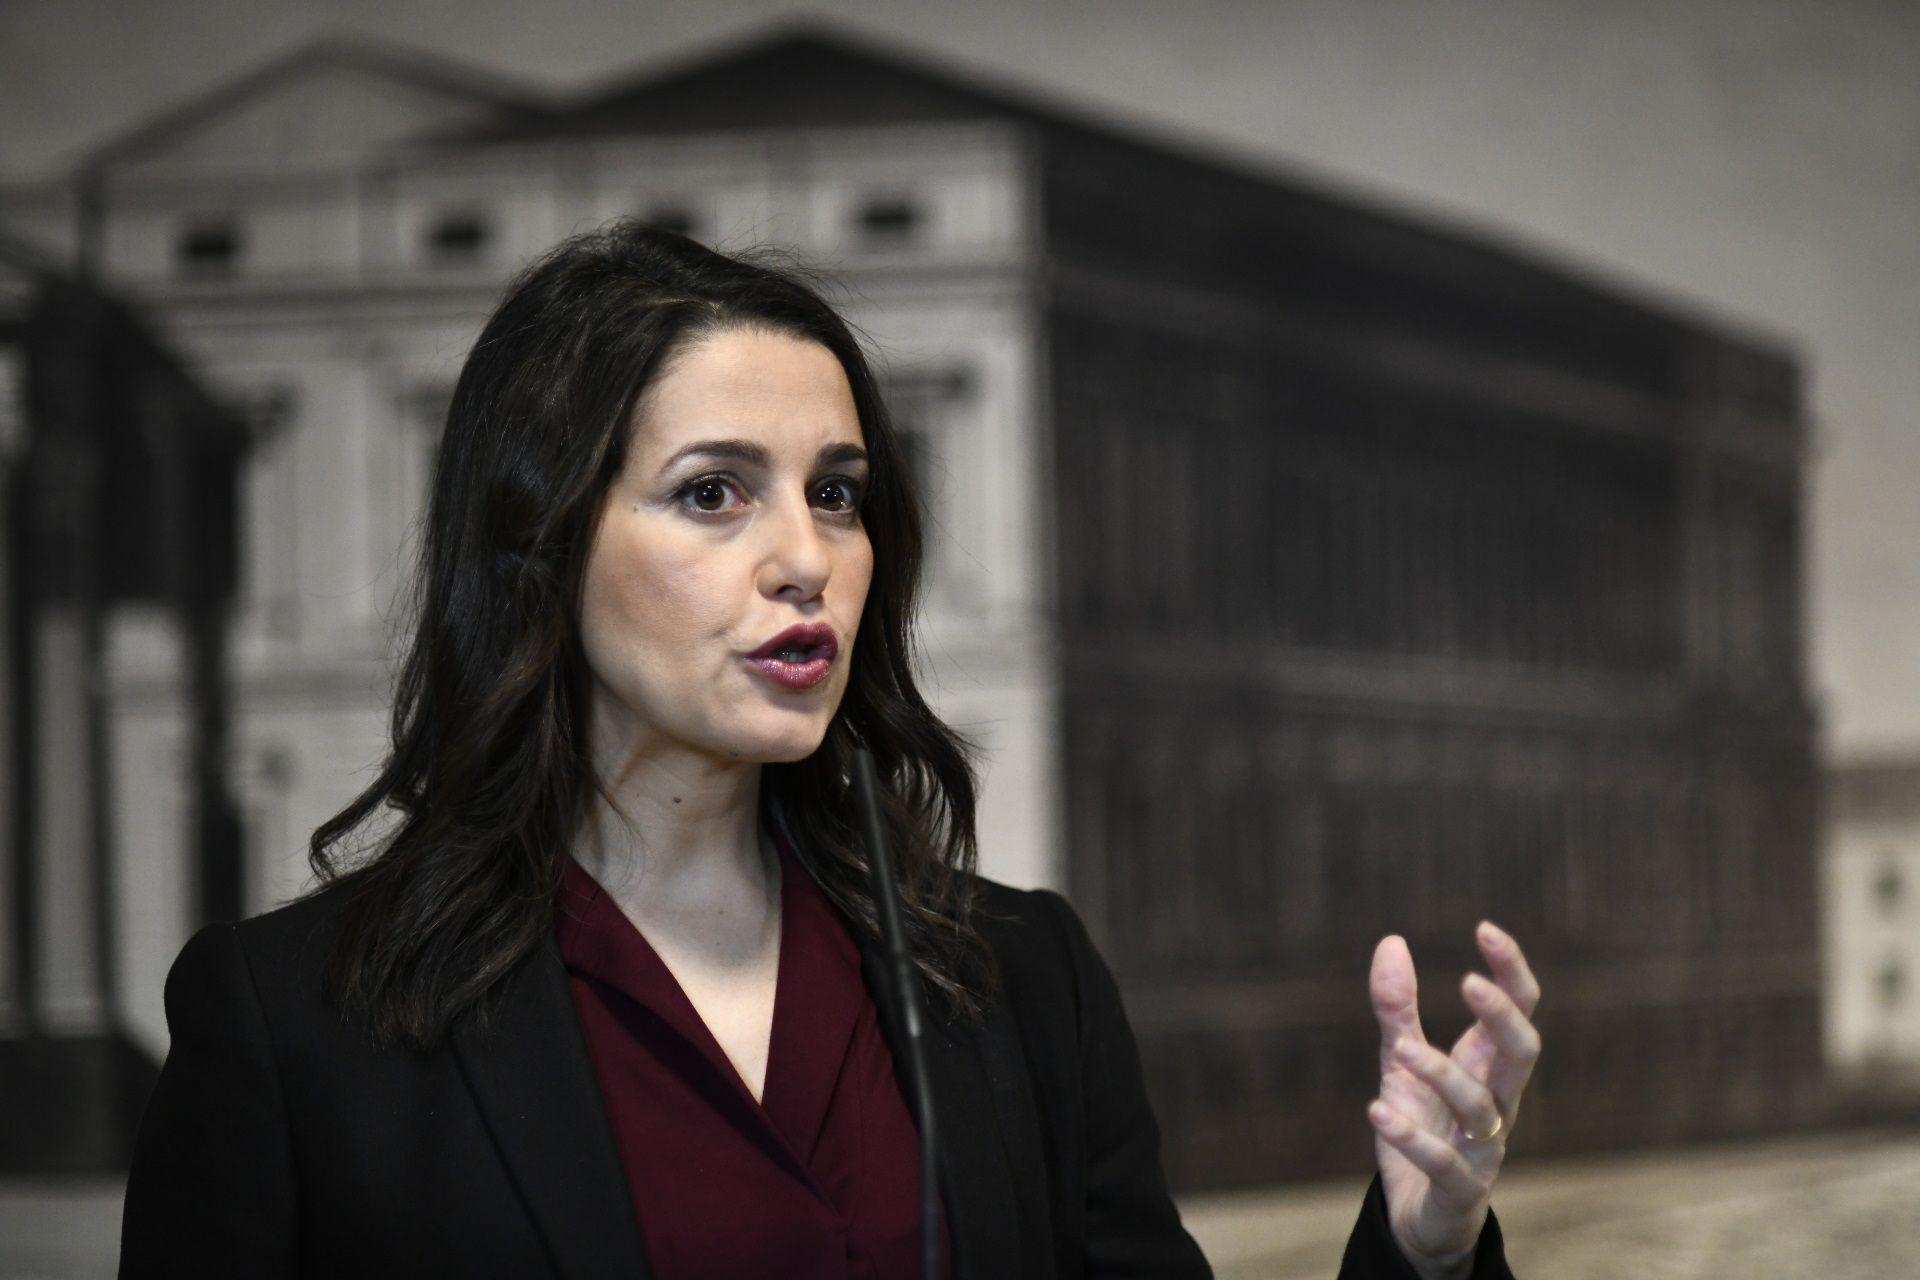 29/11/2019 Inés Arrimadas POLITICA EUROPA ESPAÑA SOCIEDAD ÓSCAR CAÑAS / EUROPA PRESS